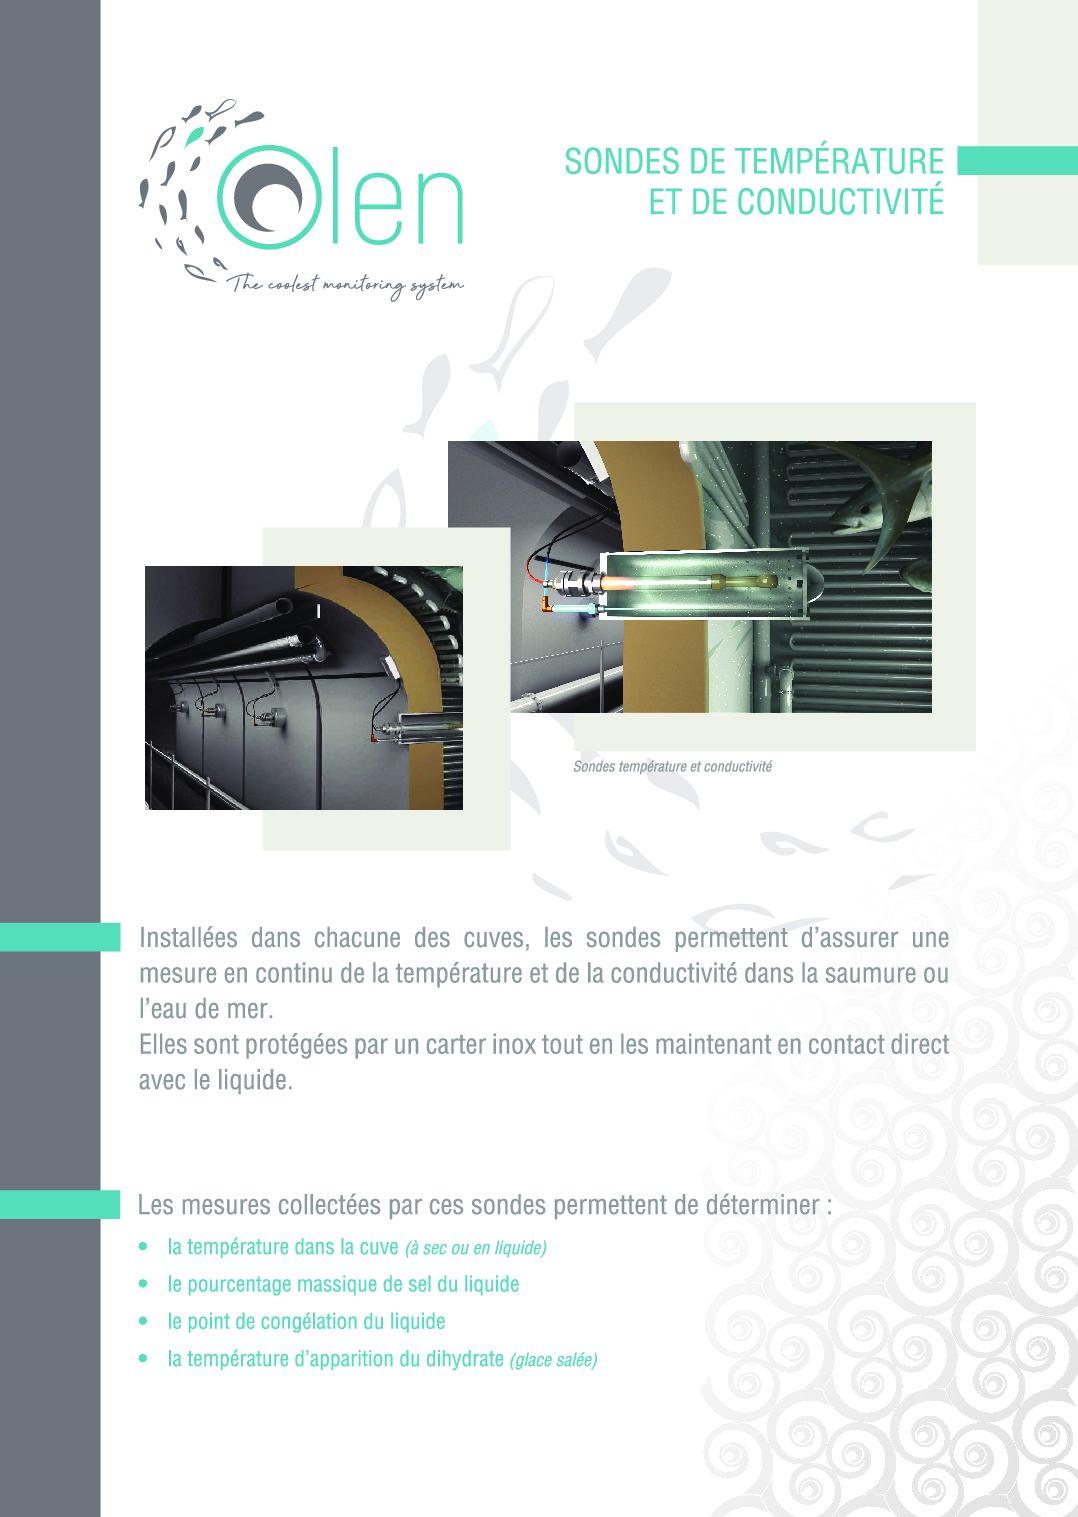 SONDES DE TEMPERATURE ET DE CONDUCTIVITE FR pdf - Produits